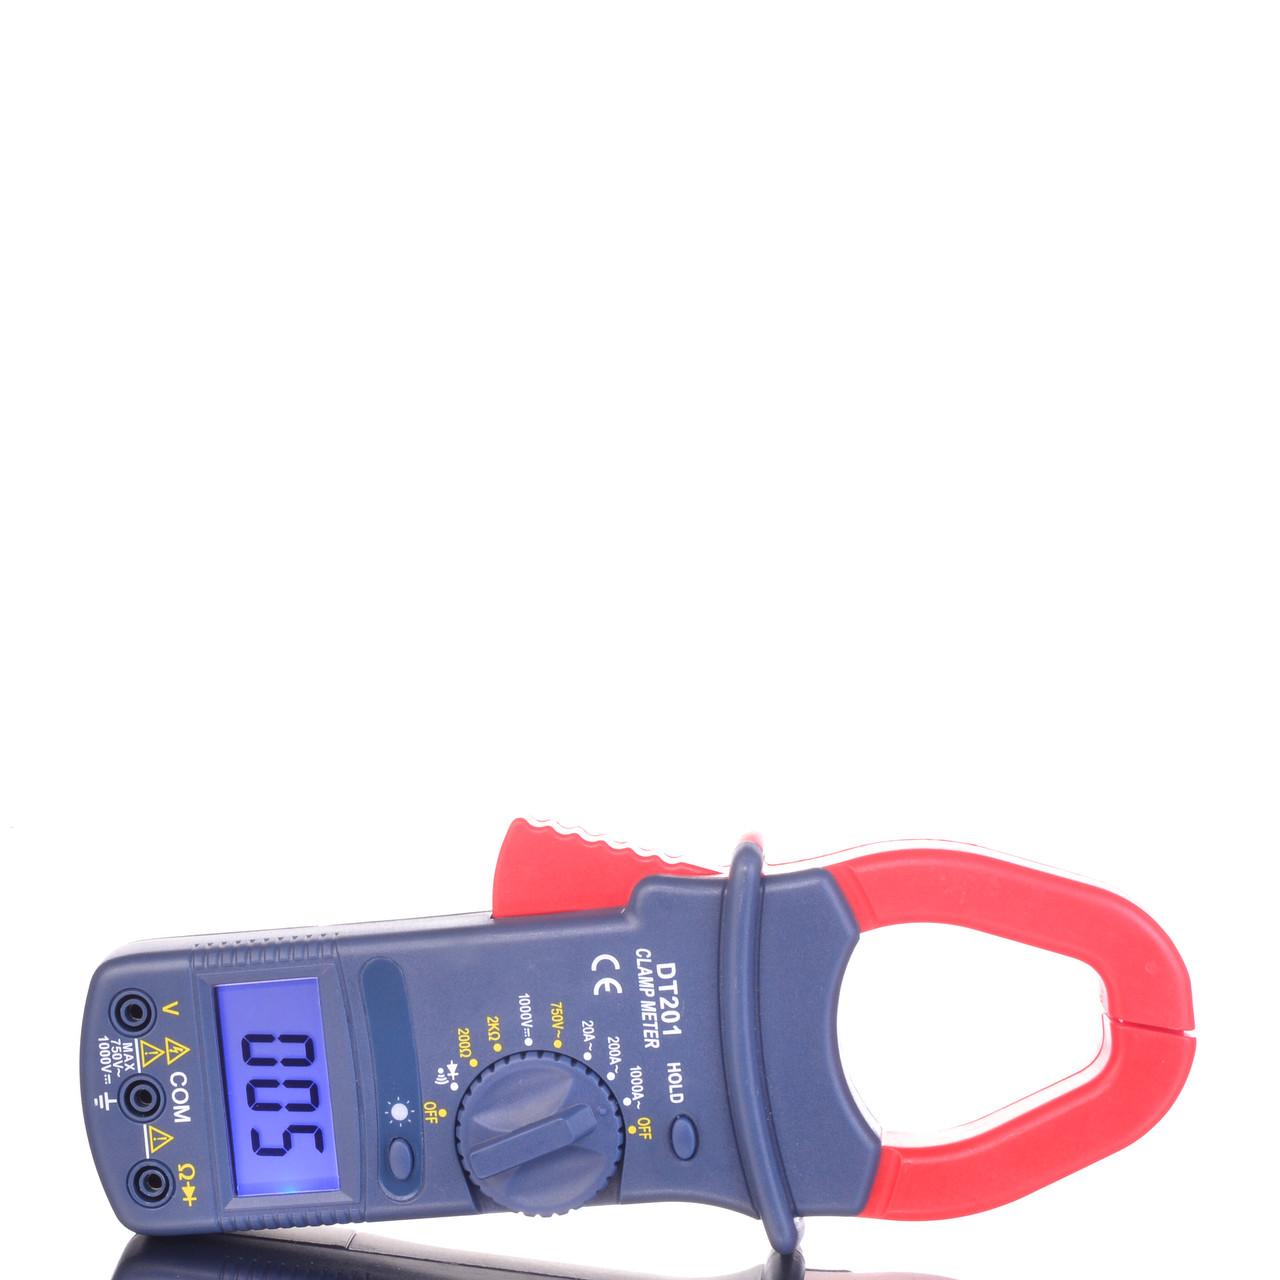 Токоизмерительные токовые клещи DT201 с мультиметром + подсветка